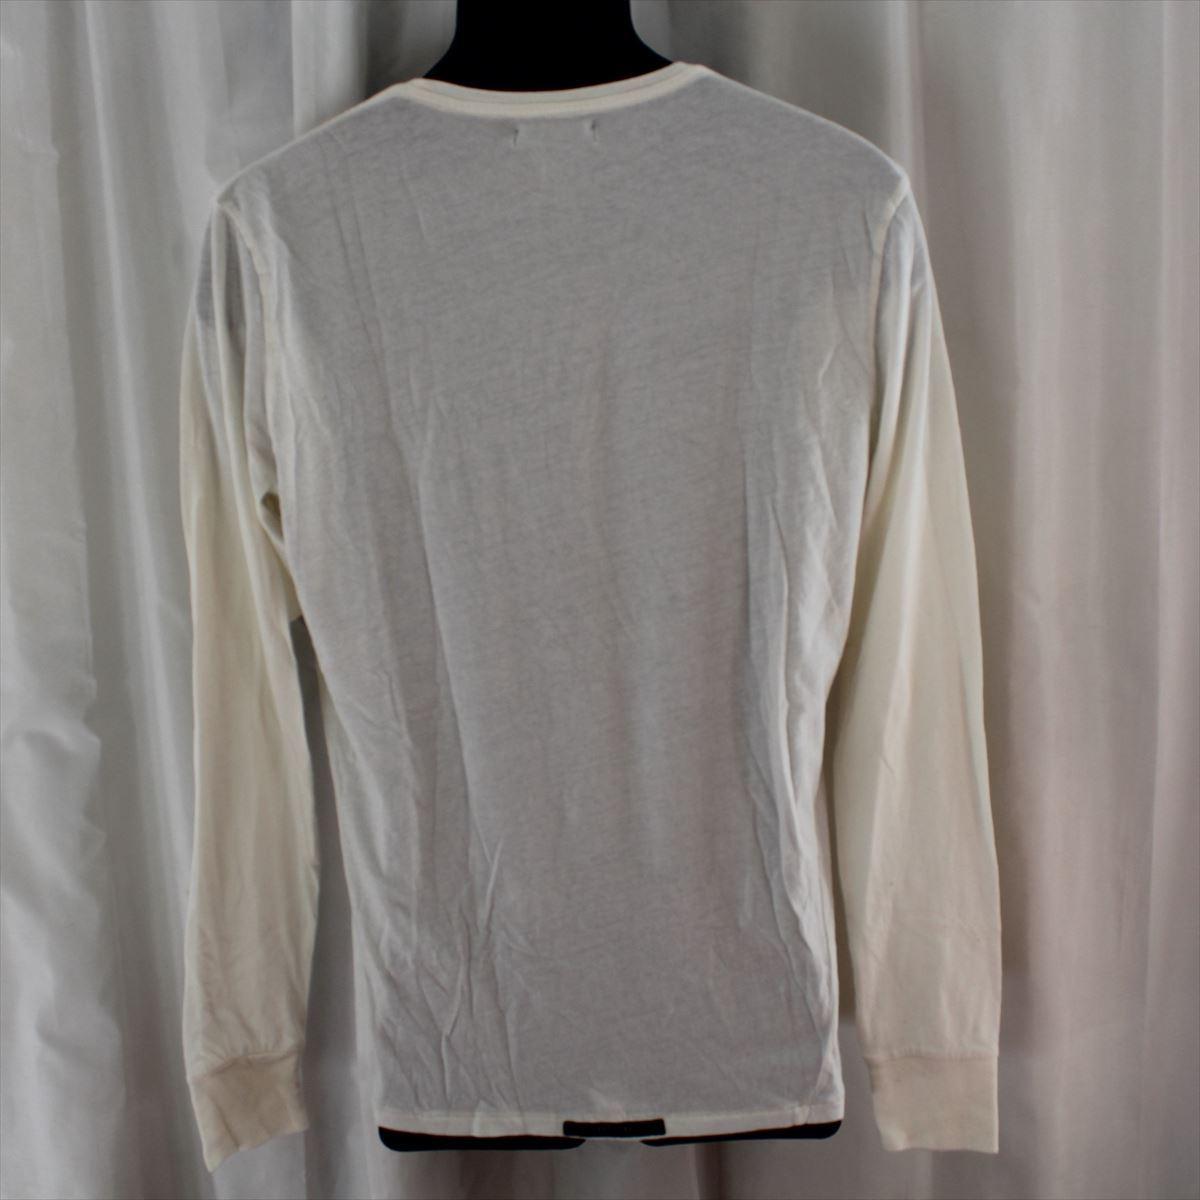 ゼインローブ ZANEROBE メンズ長袖Tシャツ ホワイト Sサイズ 新品 122-INJ-LS_画像3